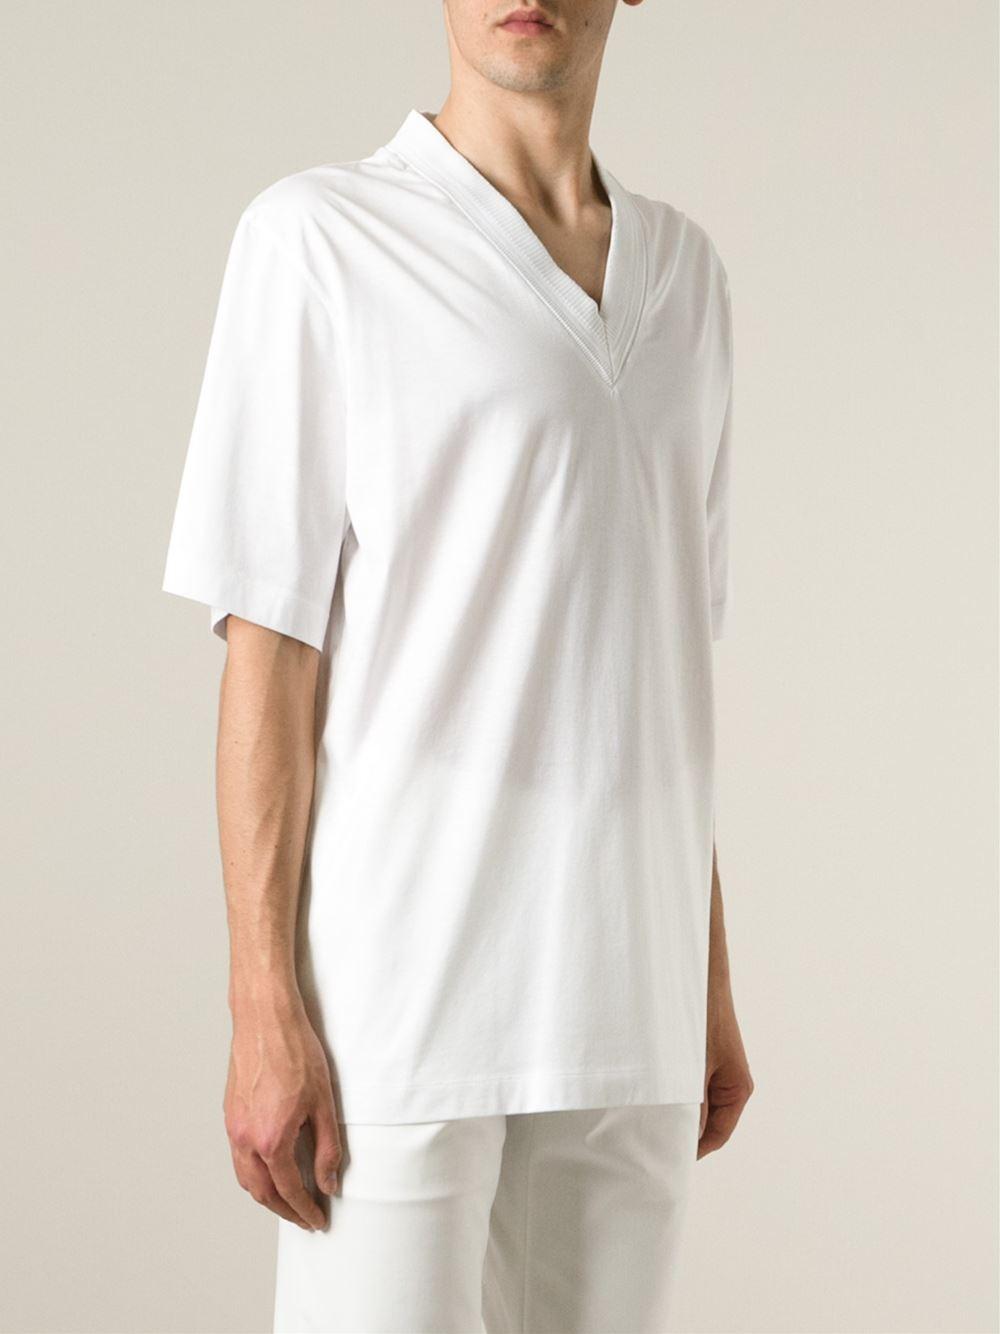 Juun j v neck t shirt in white for men lyst for White v neck shirt mens